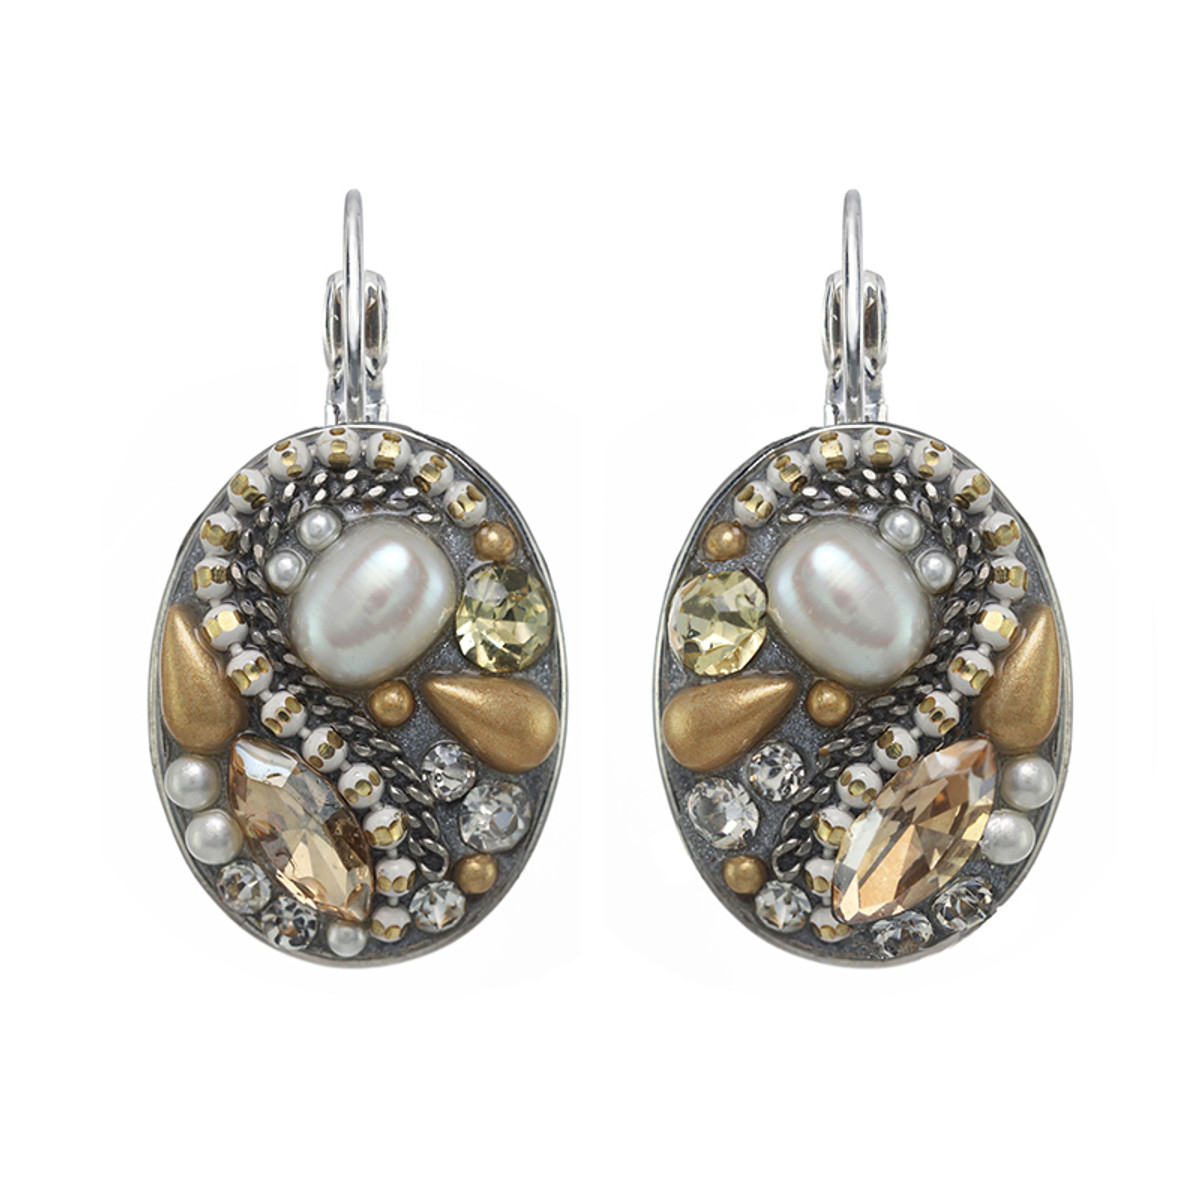 Michal Golan Moonlight Oval Earrings I